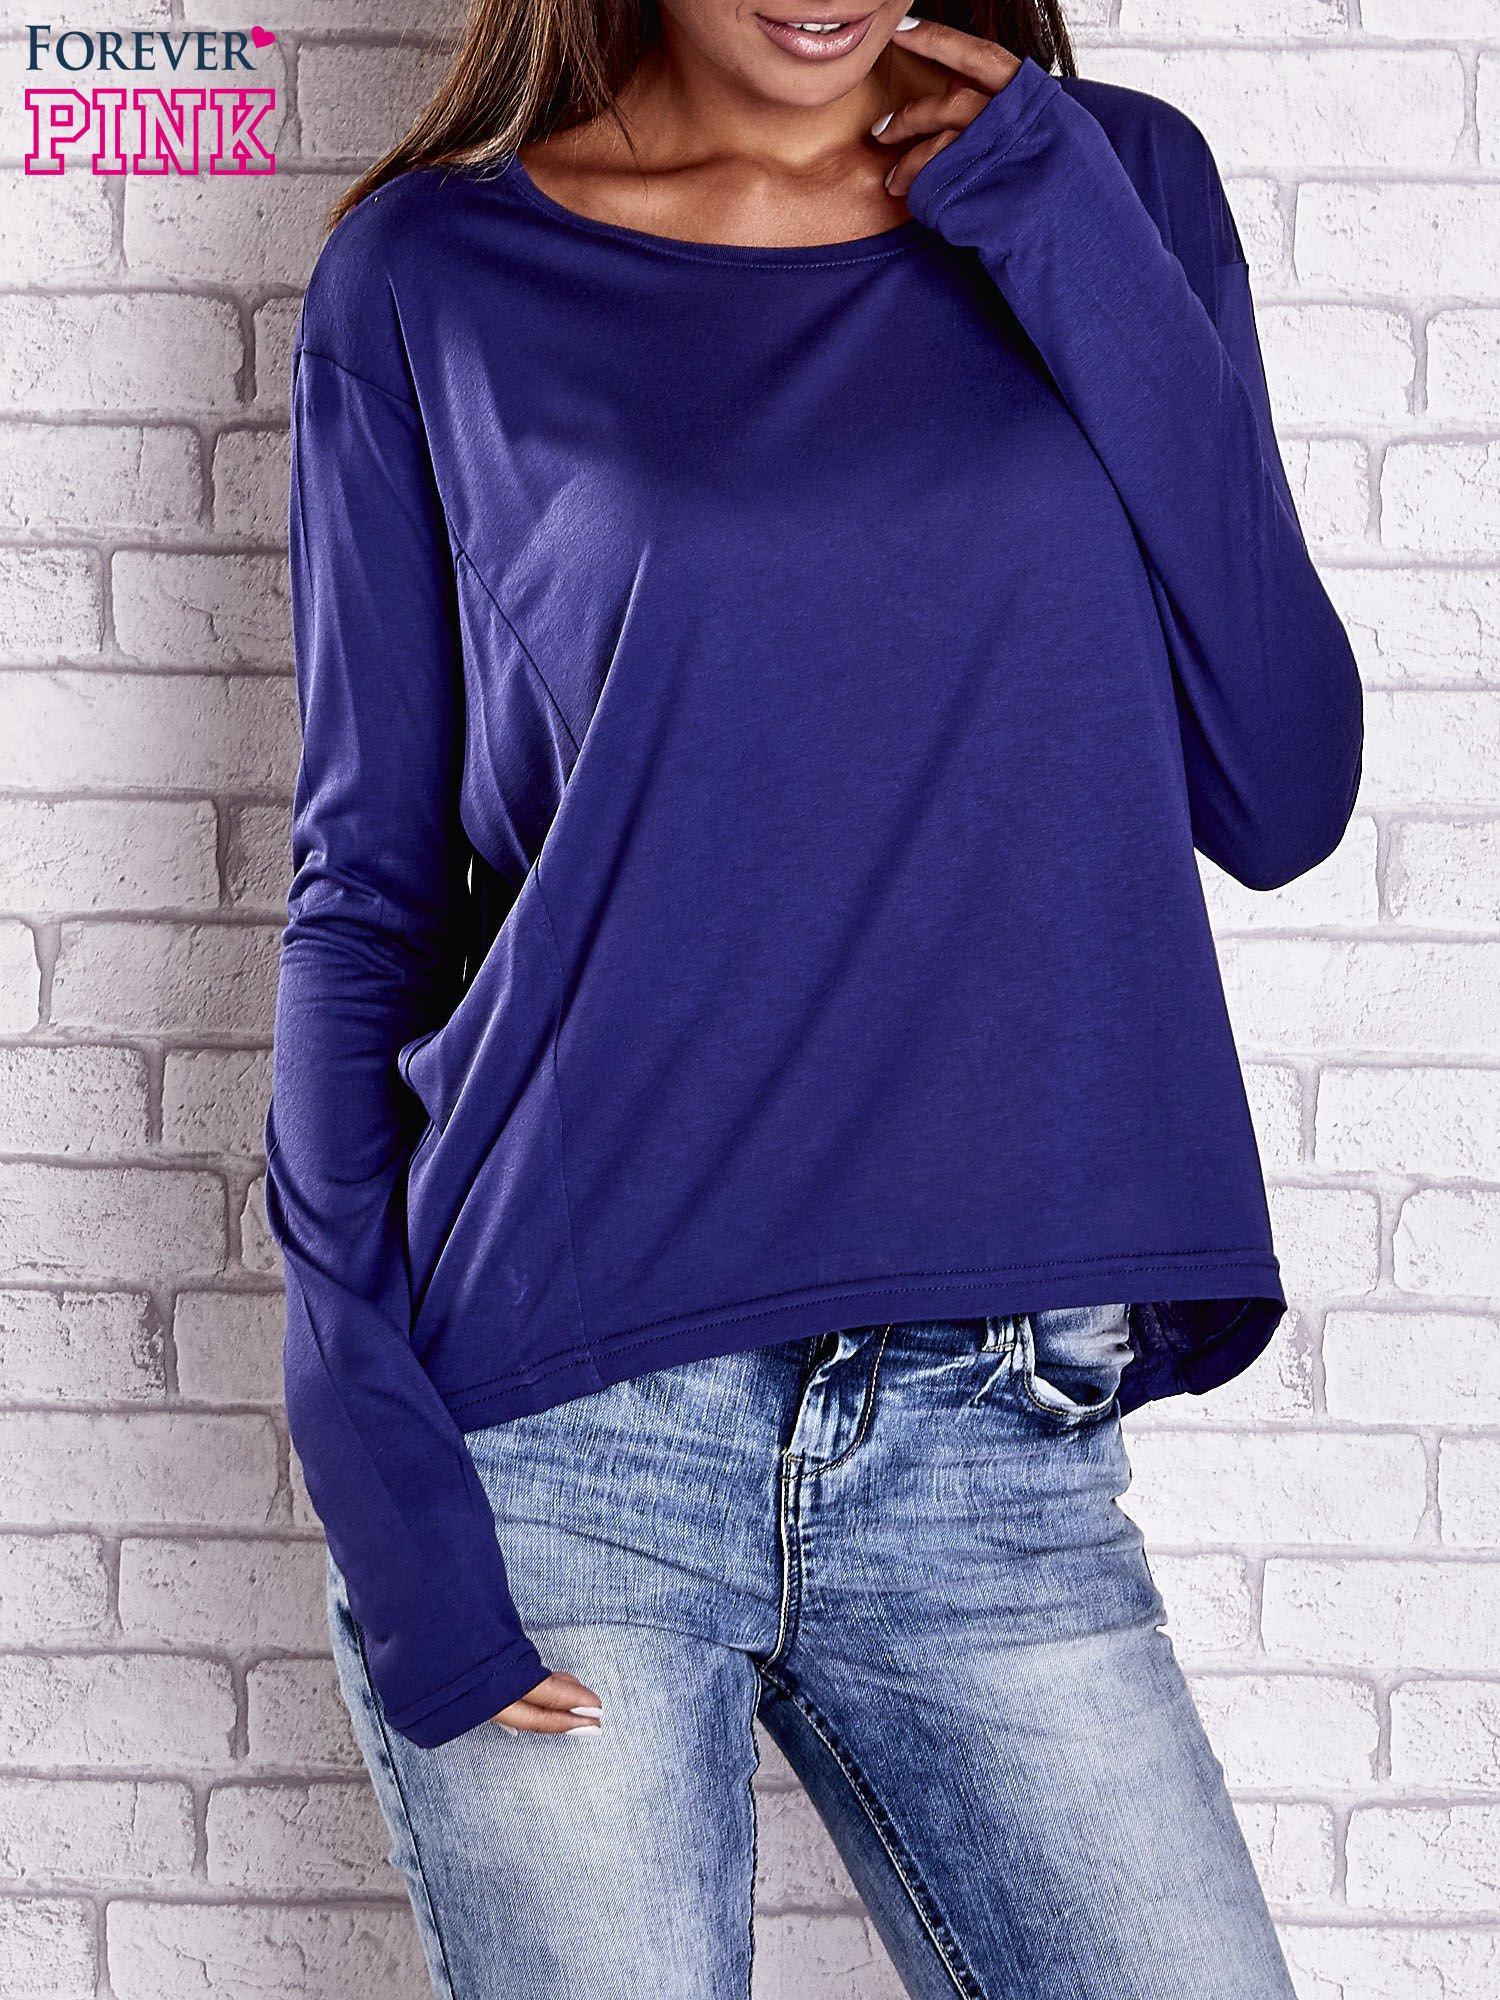 Ciemnoniebieska gładka bluzka z dłuższym tyłem                                  zdj.                                  1